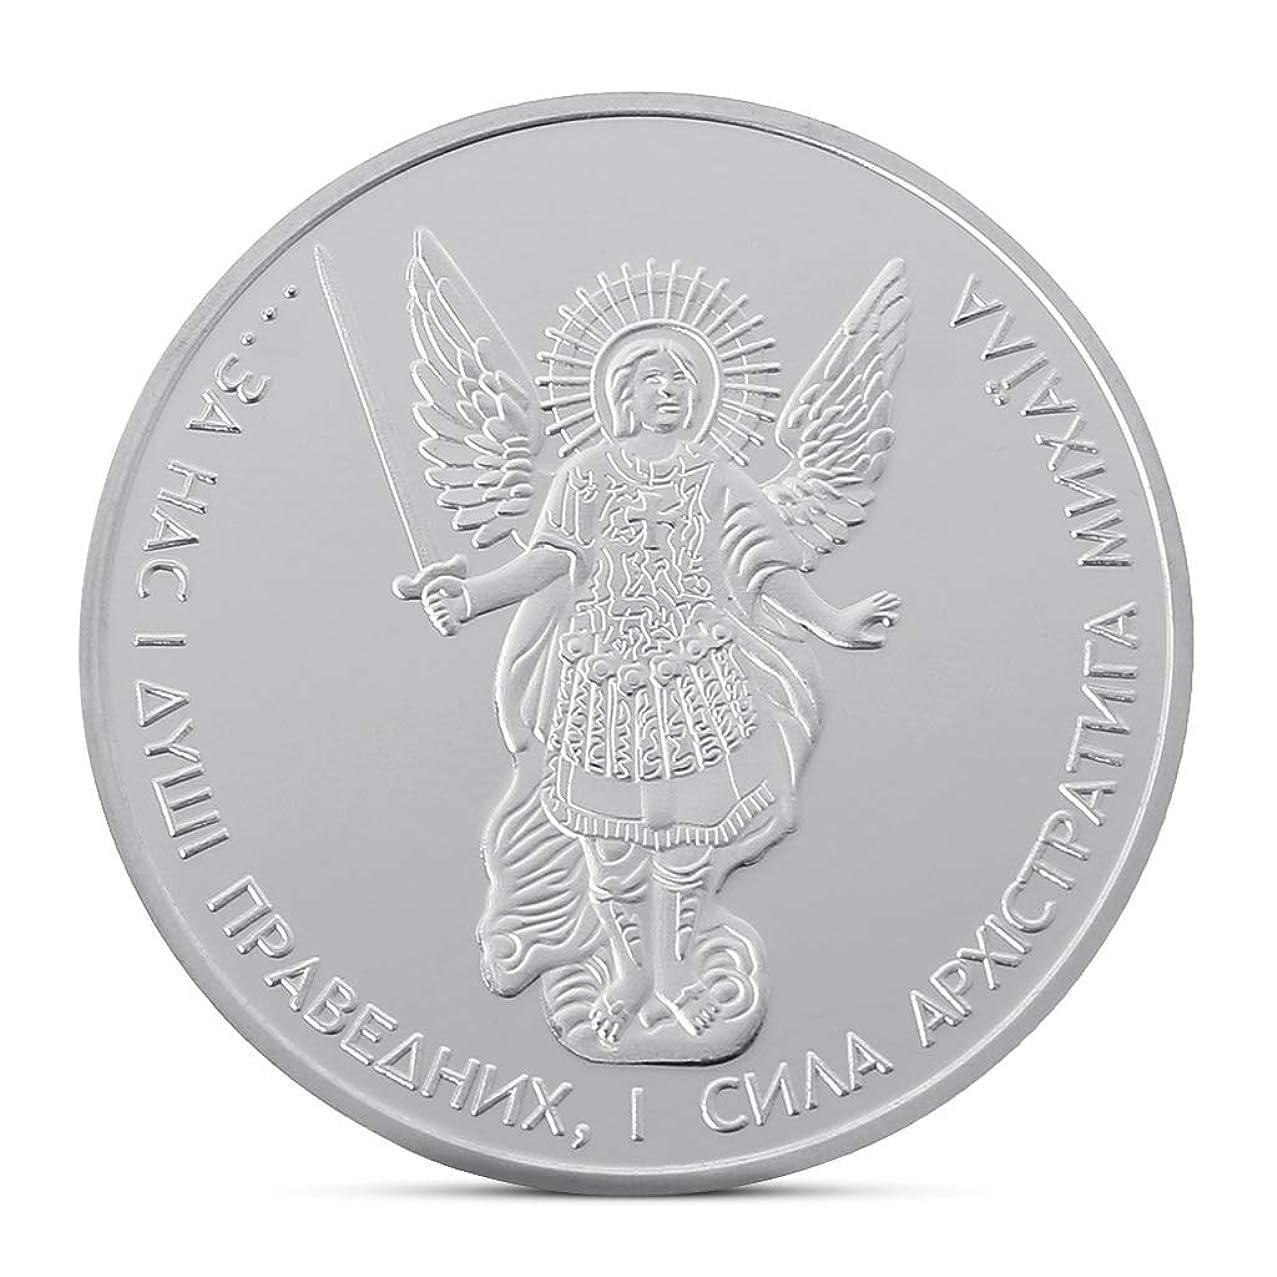 liumiKK Commemorative Coin Ukrainian Archangel Collection Arts Gifts Souvenir